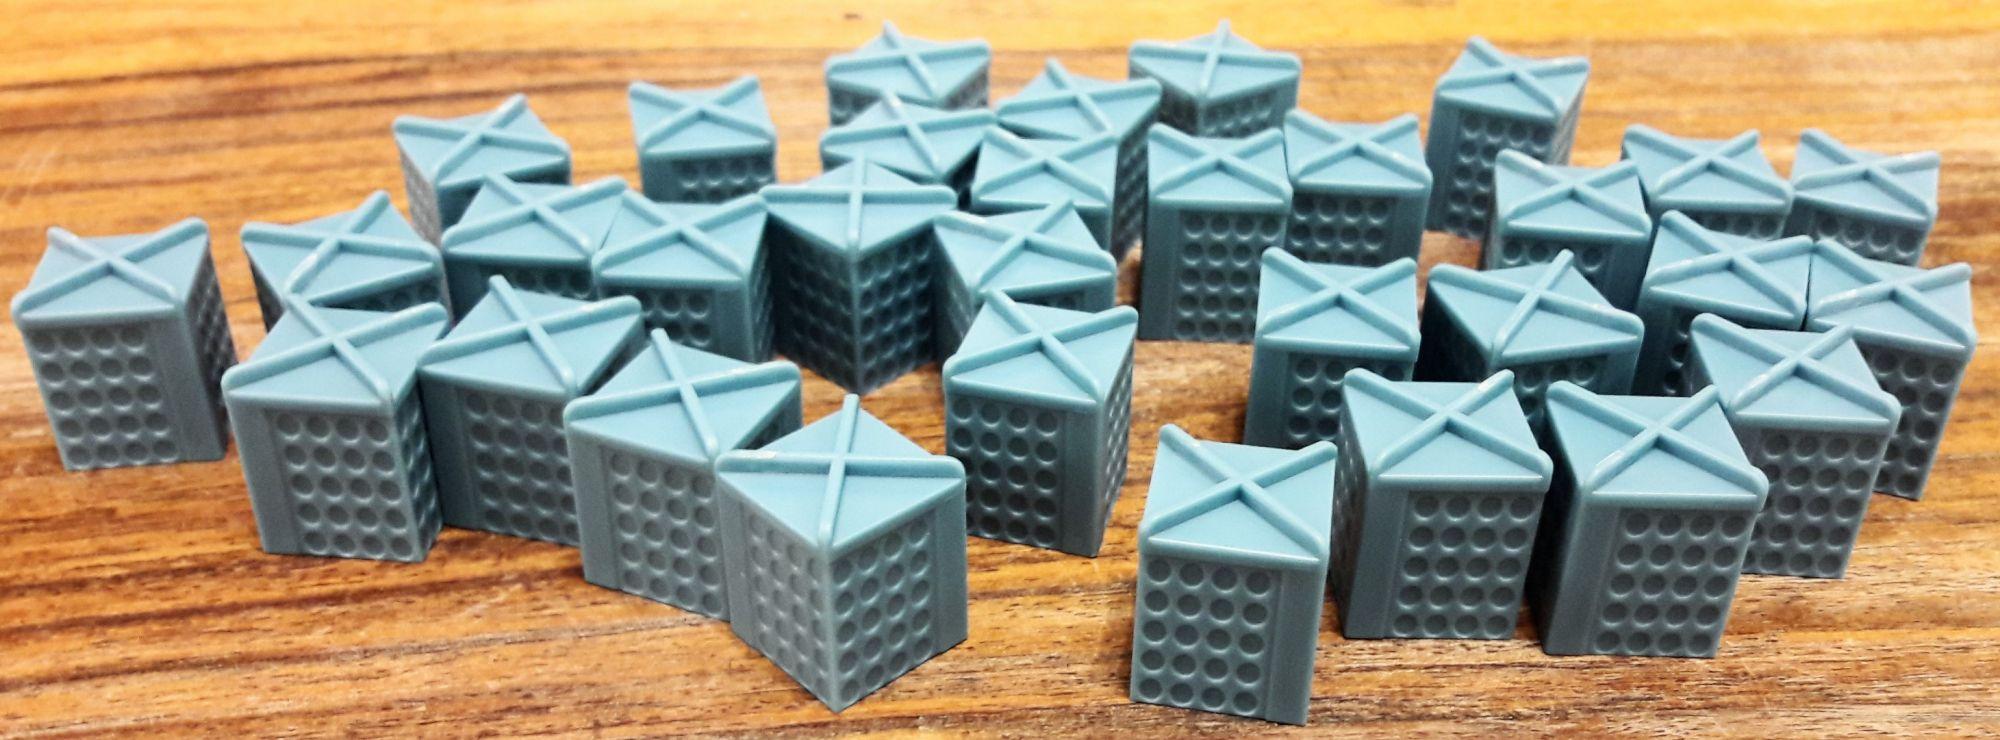 Petits bâtiments plastiques cubiques au toit bien particulier.